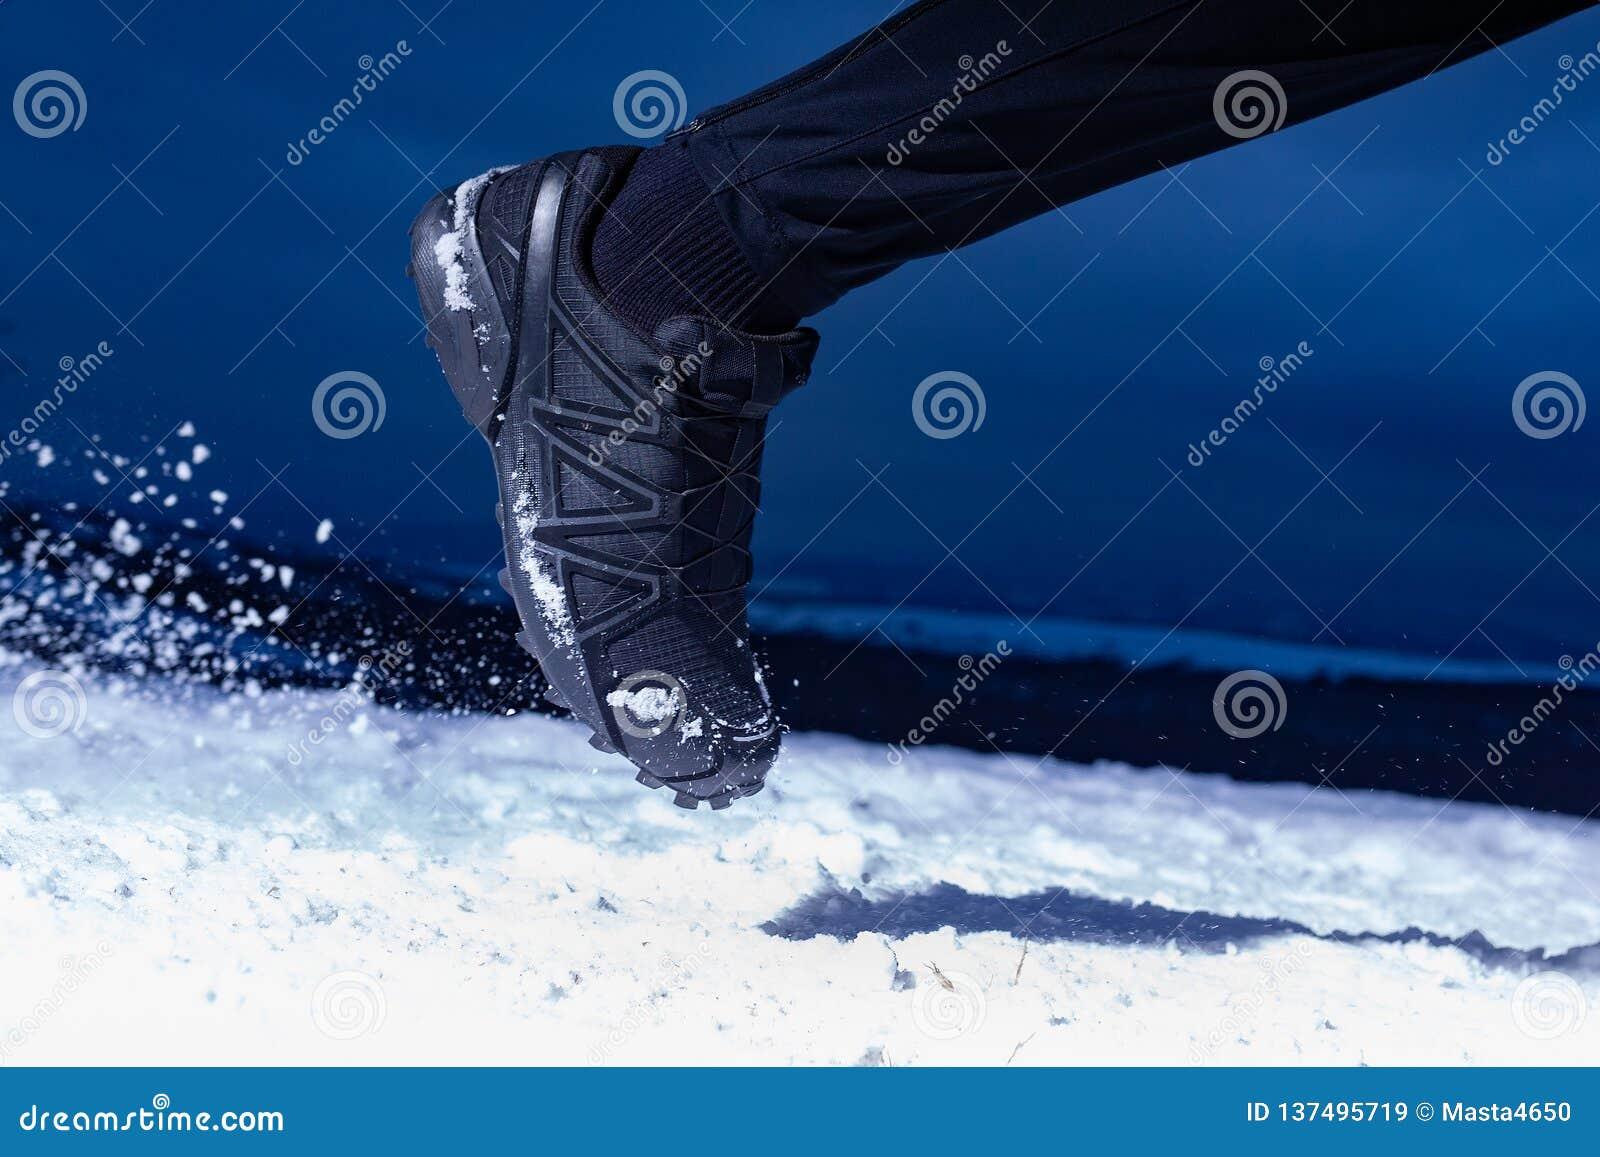 De atletenmens loopt tijdens de winter opleiding buiten in koud sneeuwweer